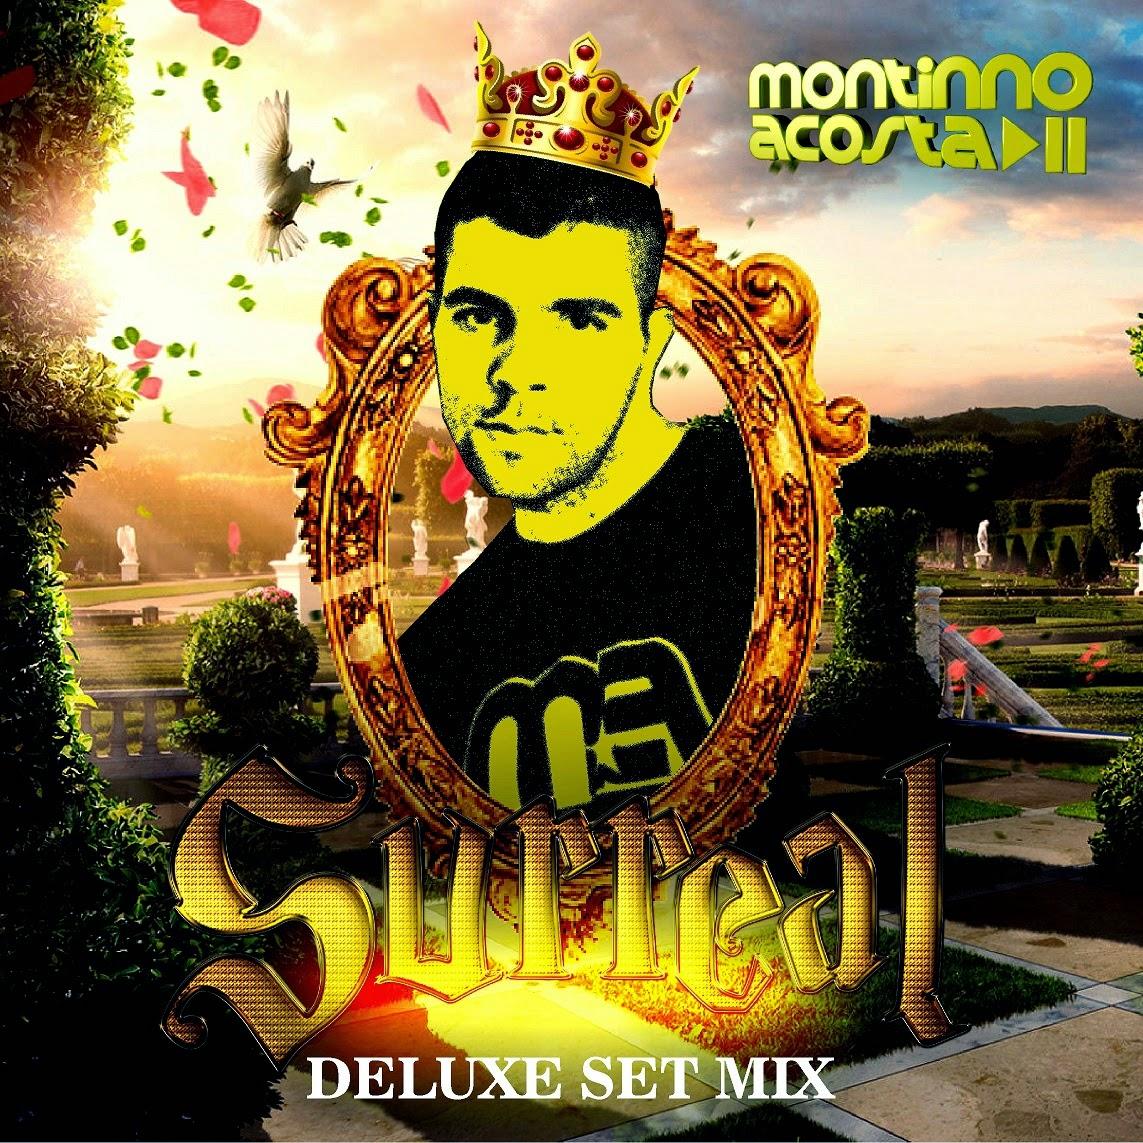 DJ Montinno Acosta - SURREAL